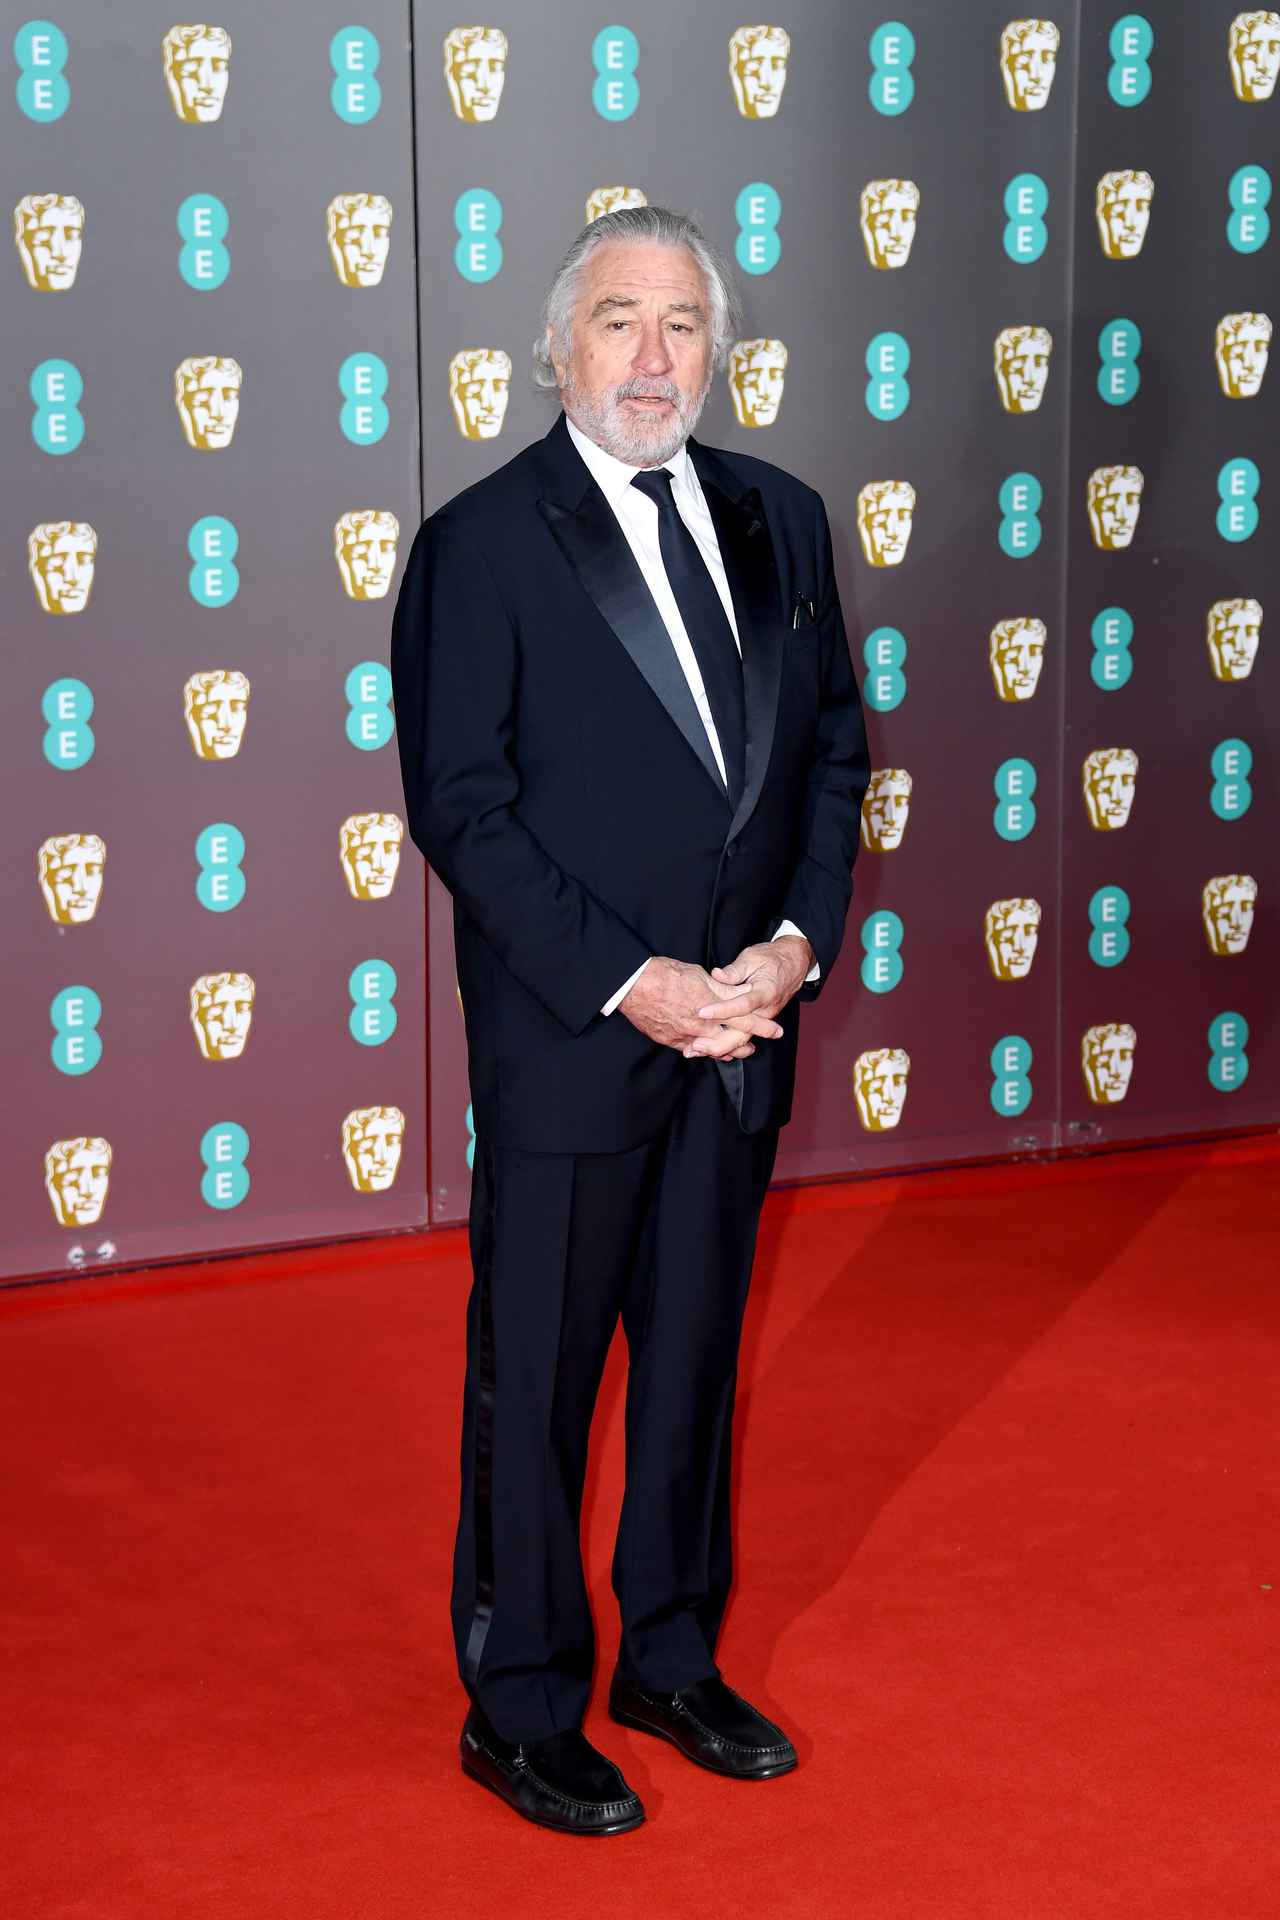 Images : 21番目の画像 - 「英国アカデミー賞(BAFTA)2020、レッドカーペットではピンク&ブラックが人気」のアルバム - フロントロウ -海外セレブ情報を発信